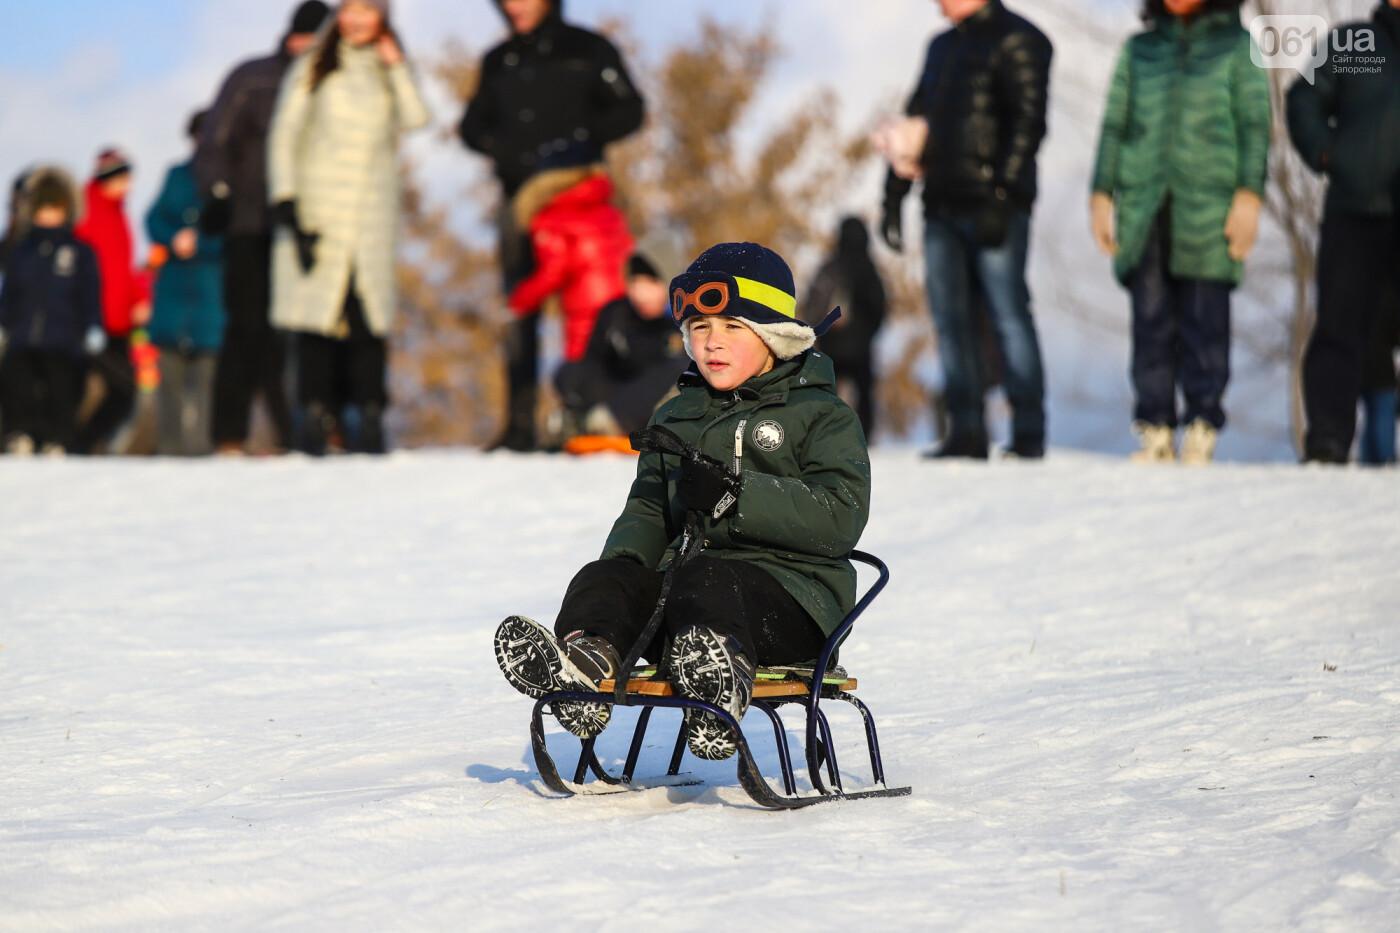 На санках, лыжах и сноуборде: запорожцы устроили массовое катание с горок в Вознесеновском парке, - ФОТОРЕПОРТАЖ, фото-59